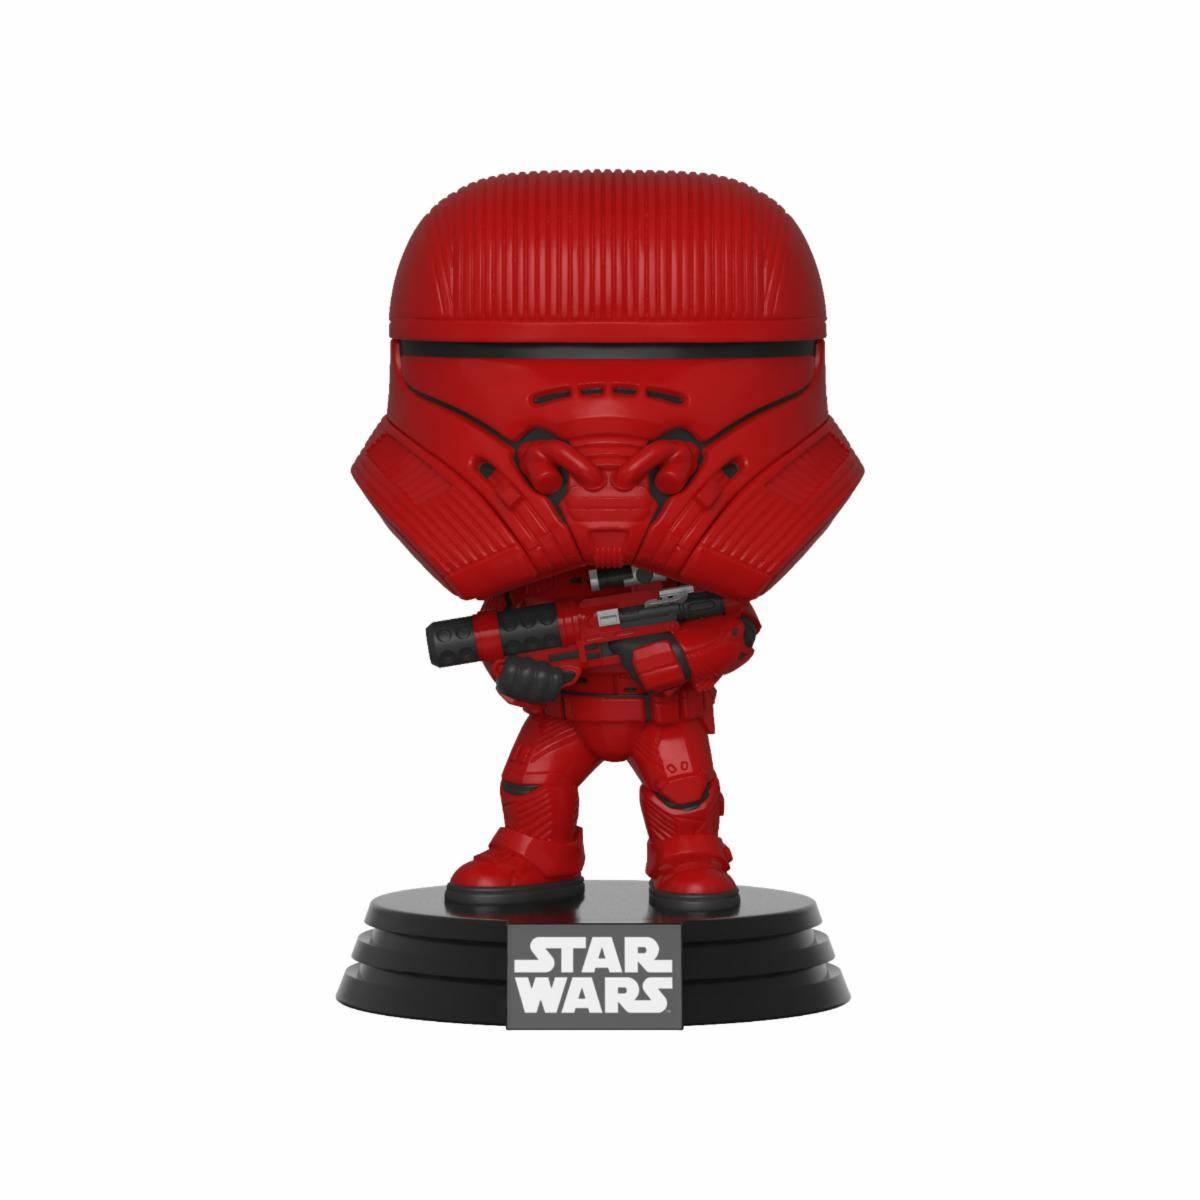 Star Wars Episode IX POP! Movies Vinyl Figure Sith Jet Trooper 9 cm